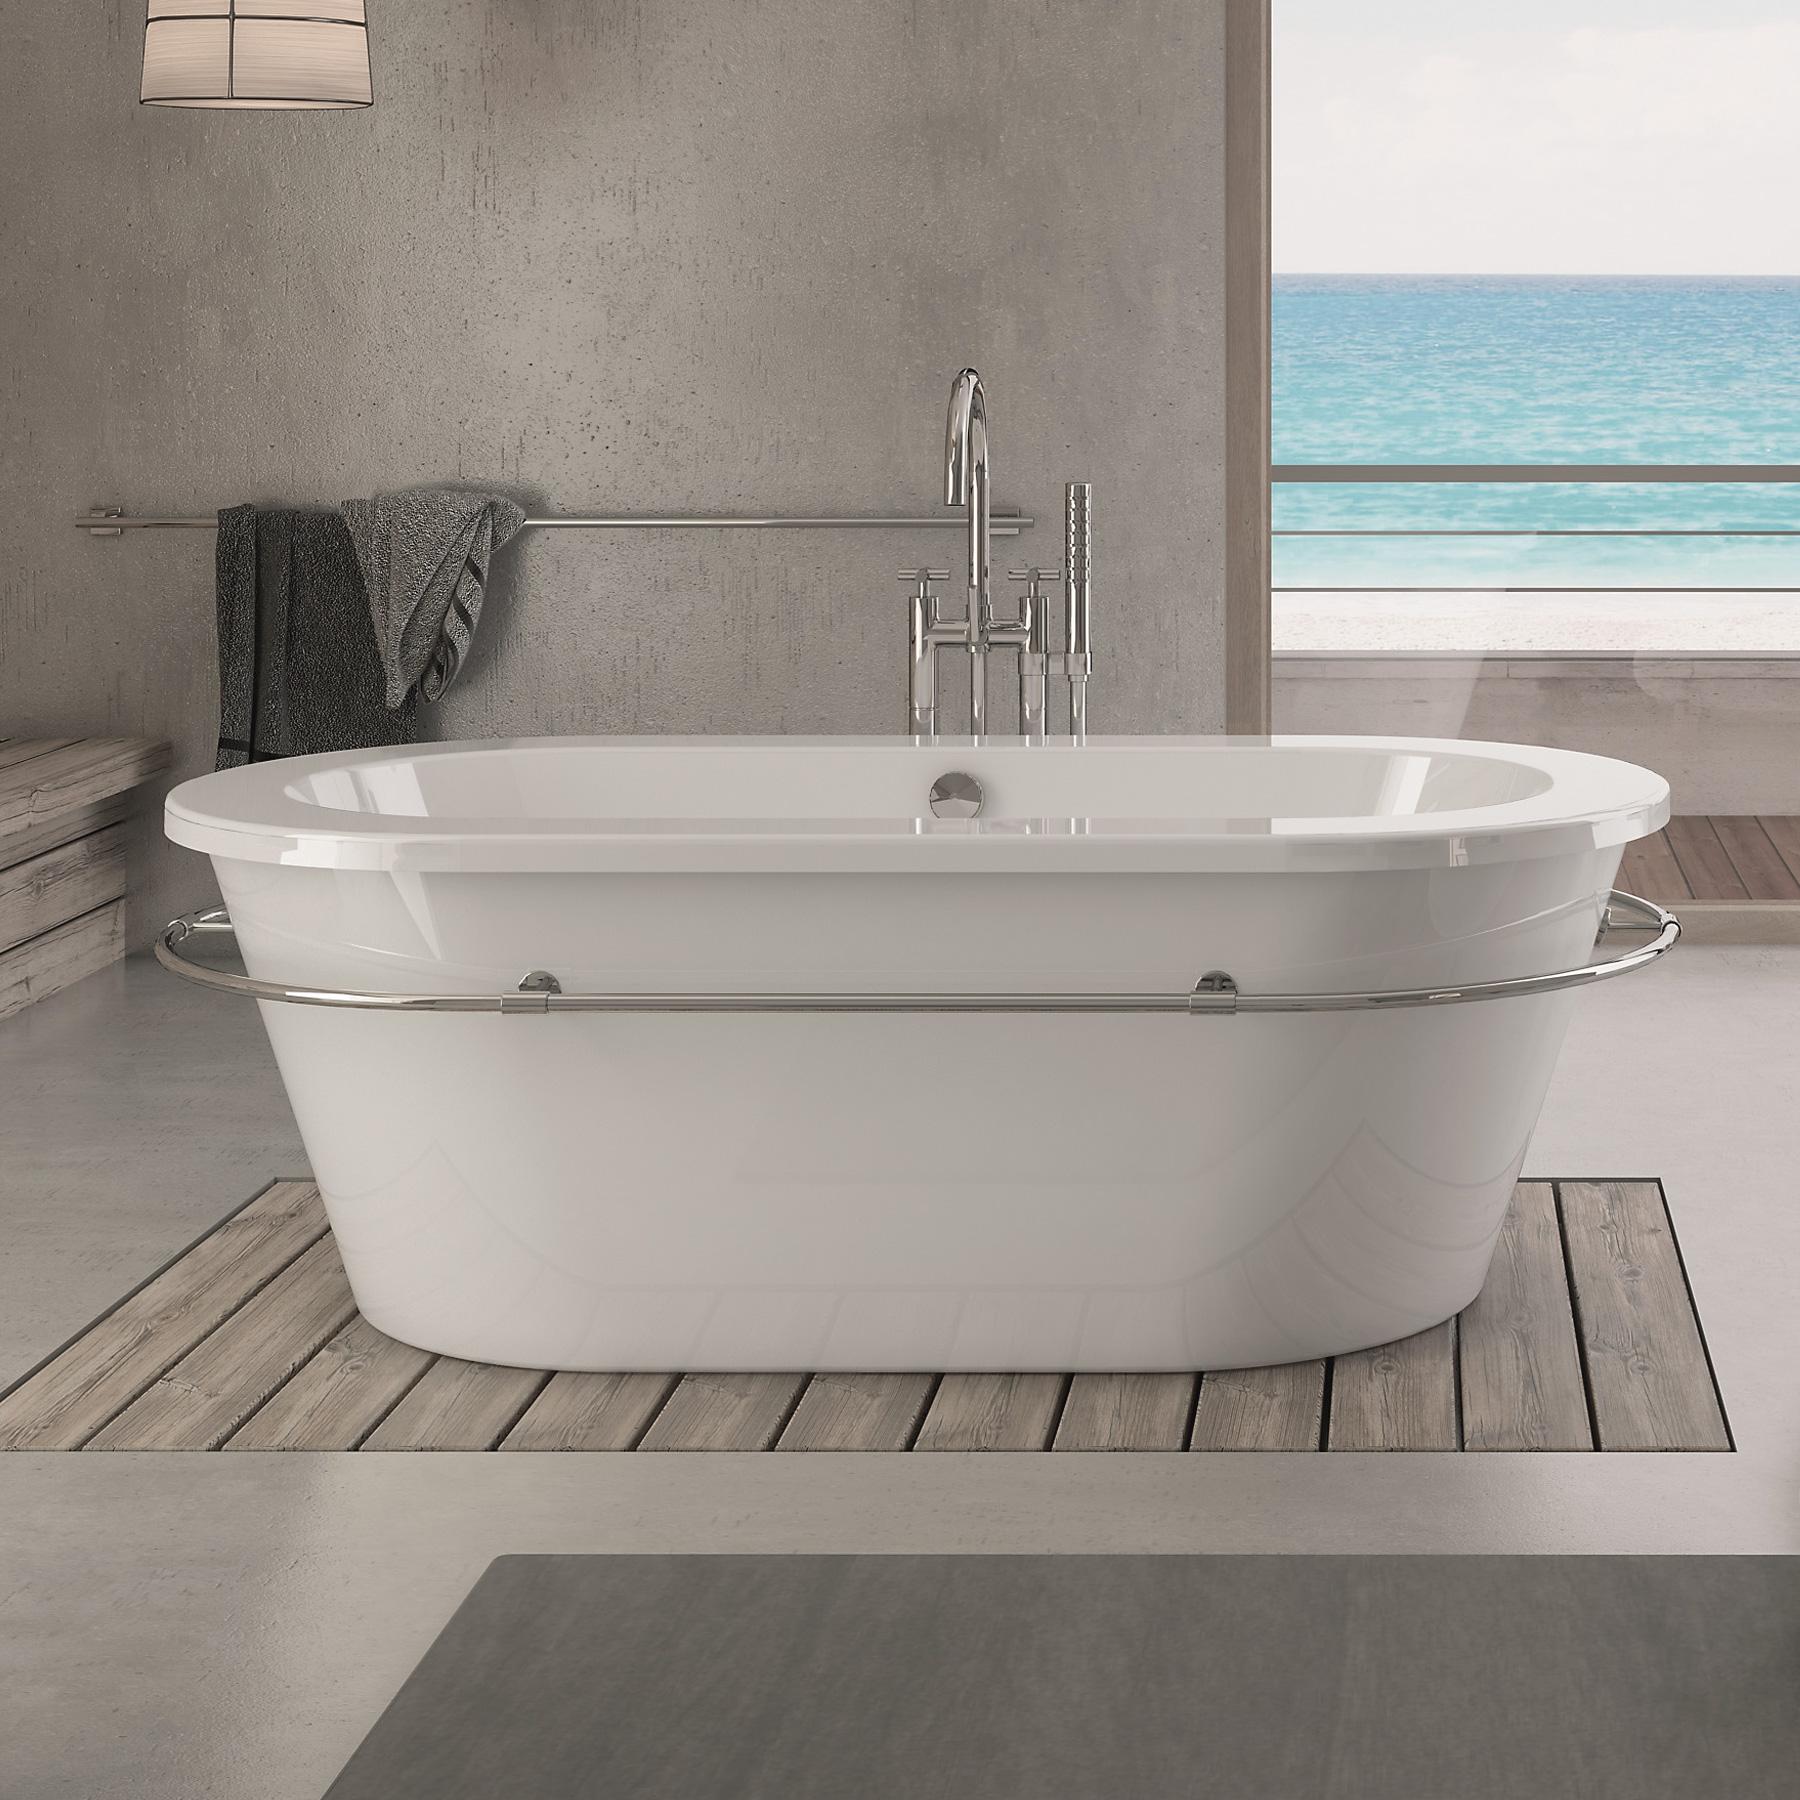 hoesch philippe starck edition 1 badewanne freistehend weiss ohne bohrung. Black Bedroom Furniture Sets. Home Design Ideas